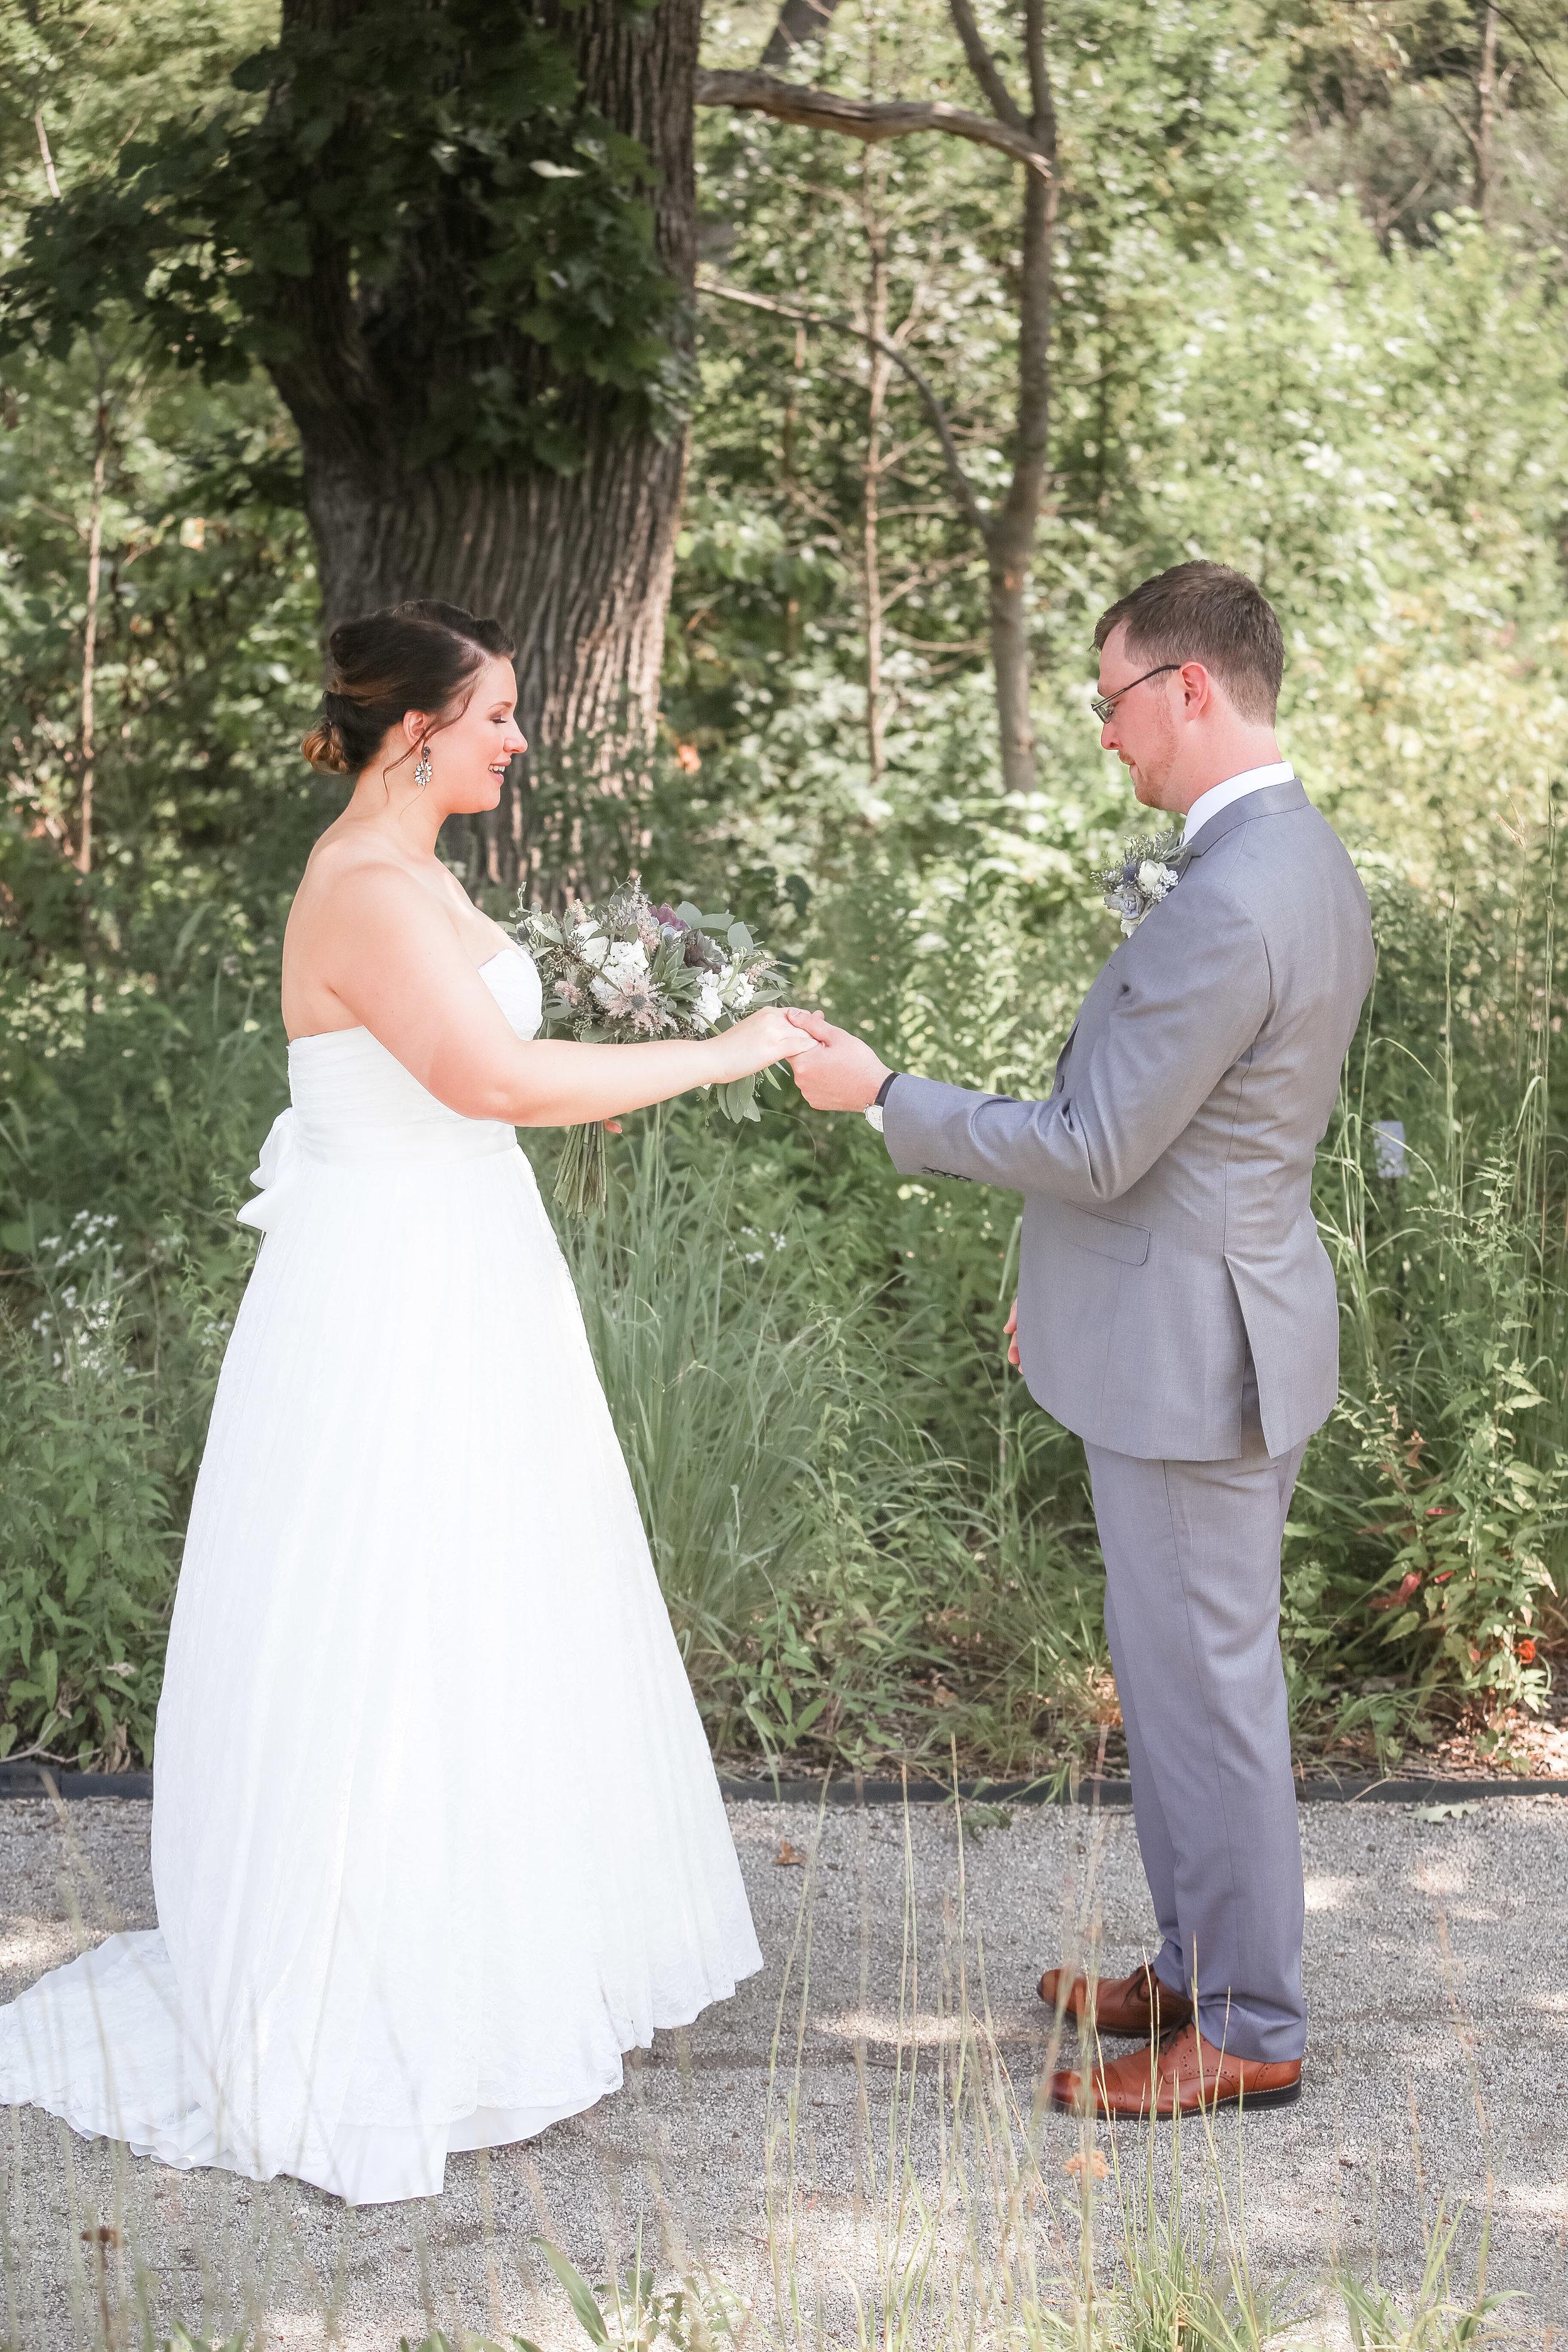 C_Wedding_Sarver, Alyssa & Scott_FOR BLOG-36.JPG